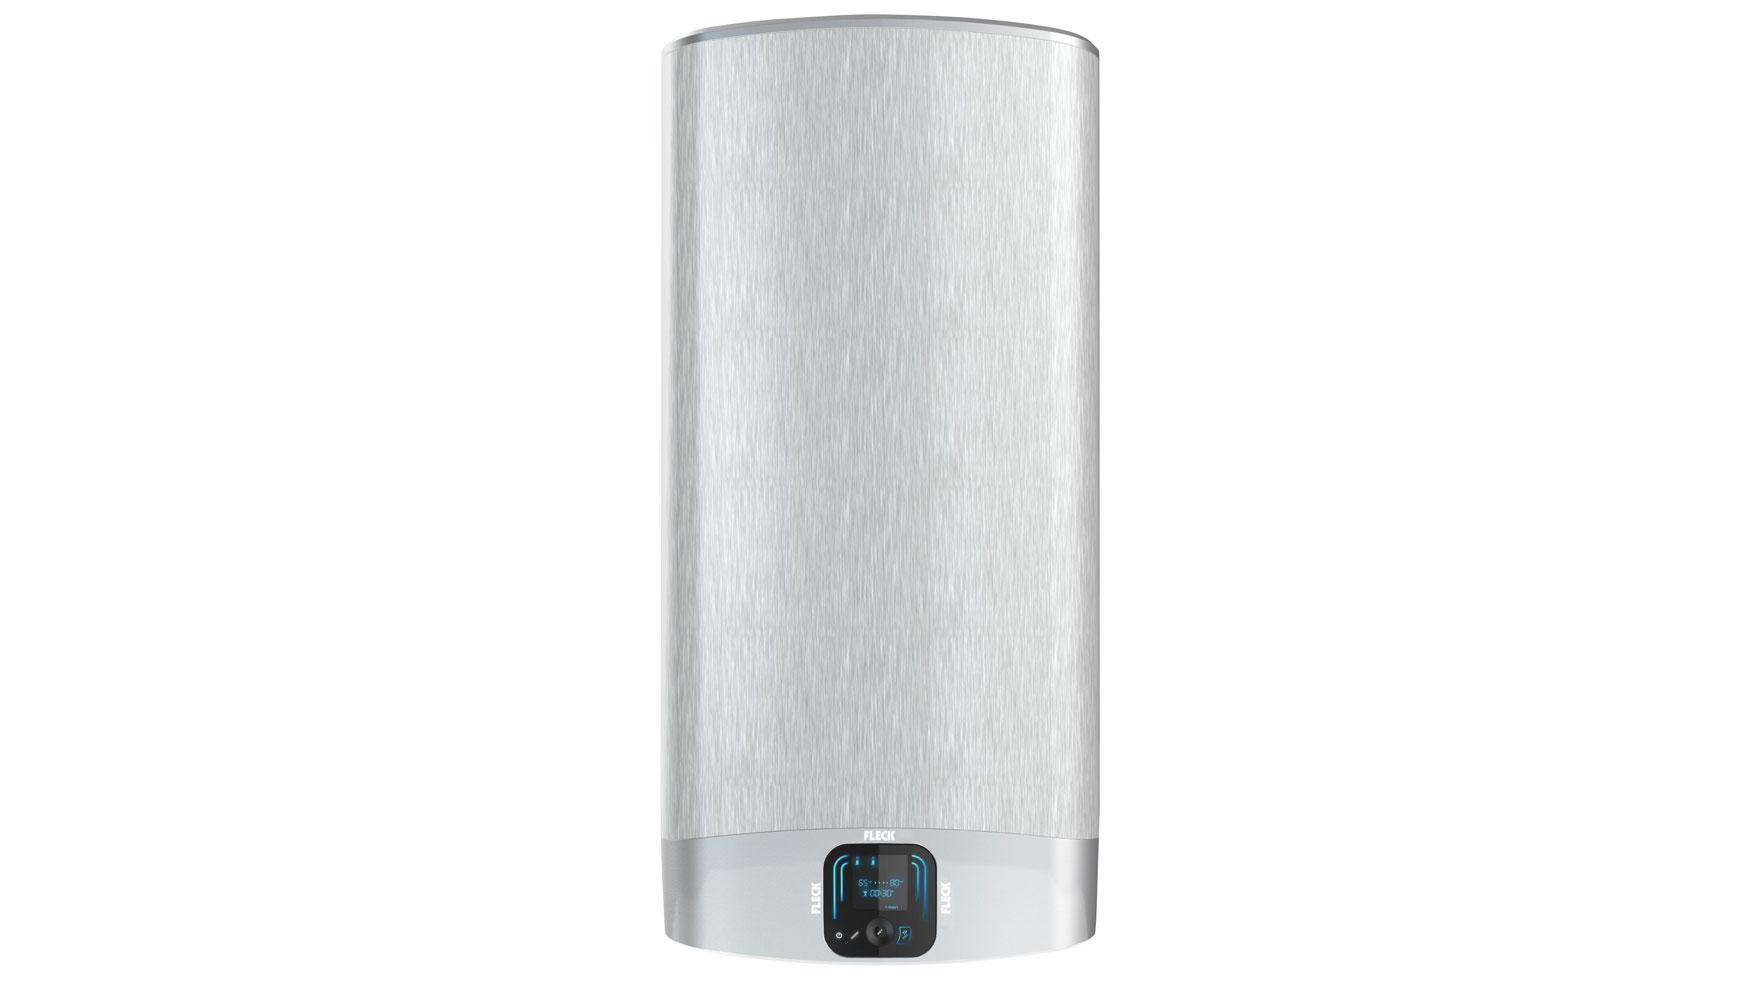 La m s avanzada tecnolog a al servicio de los termos - Termos electricos horizontales ...